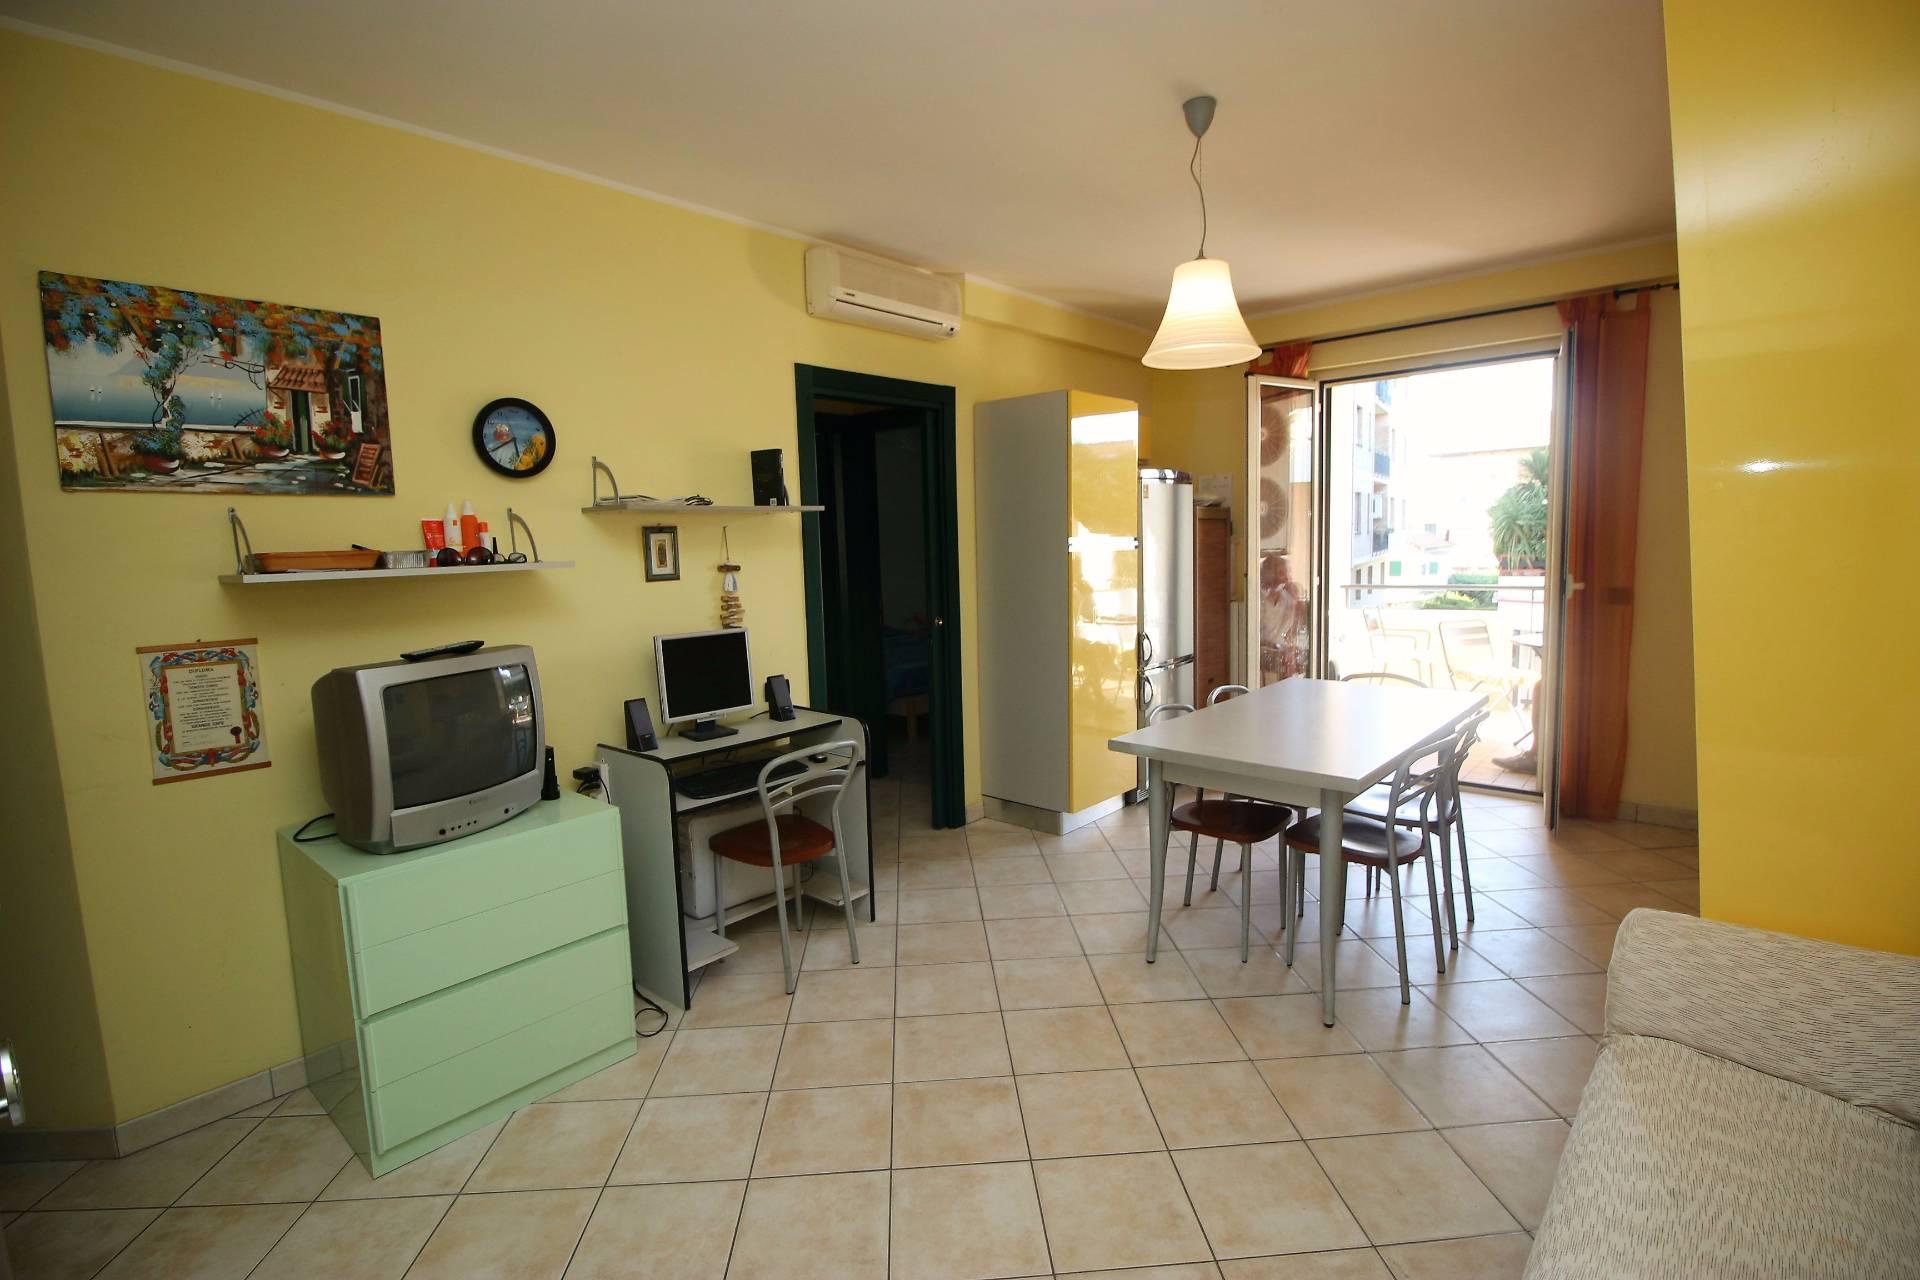 Appartamento in vendita a Tortoreto, 4 locali, zona Località: TortoretoLido, prezzo € 220.000 | CambioCasa.it